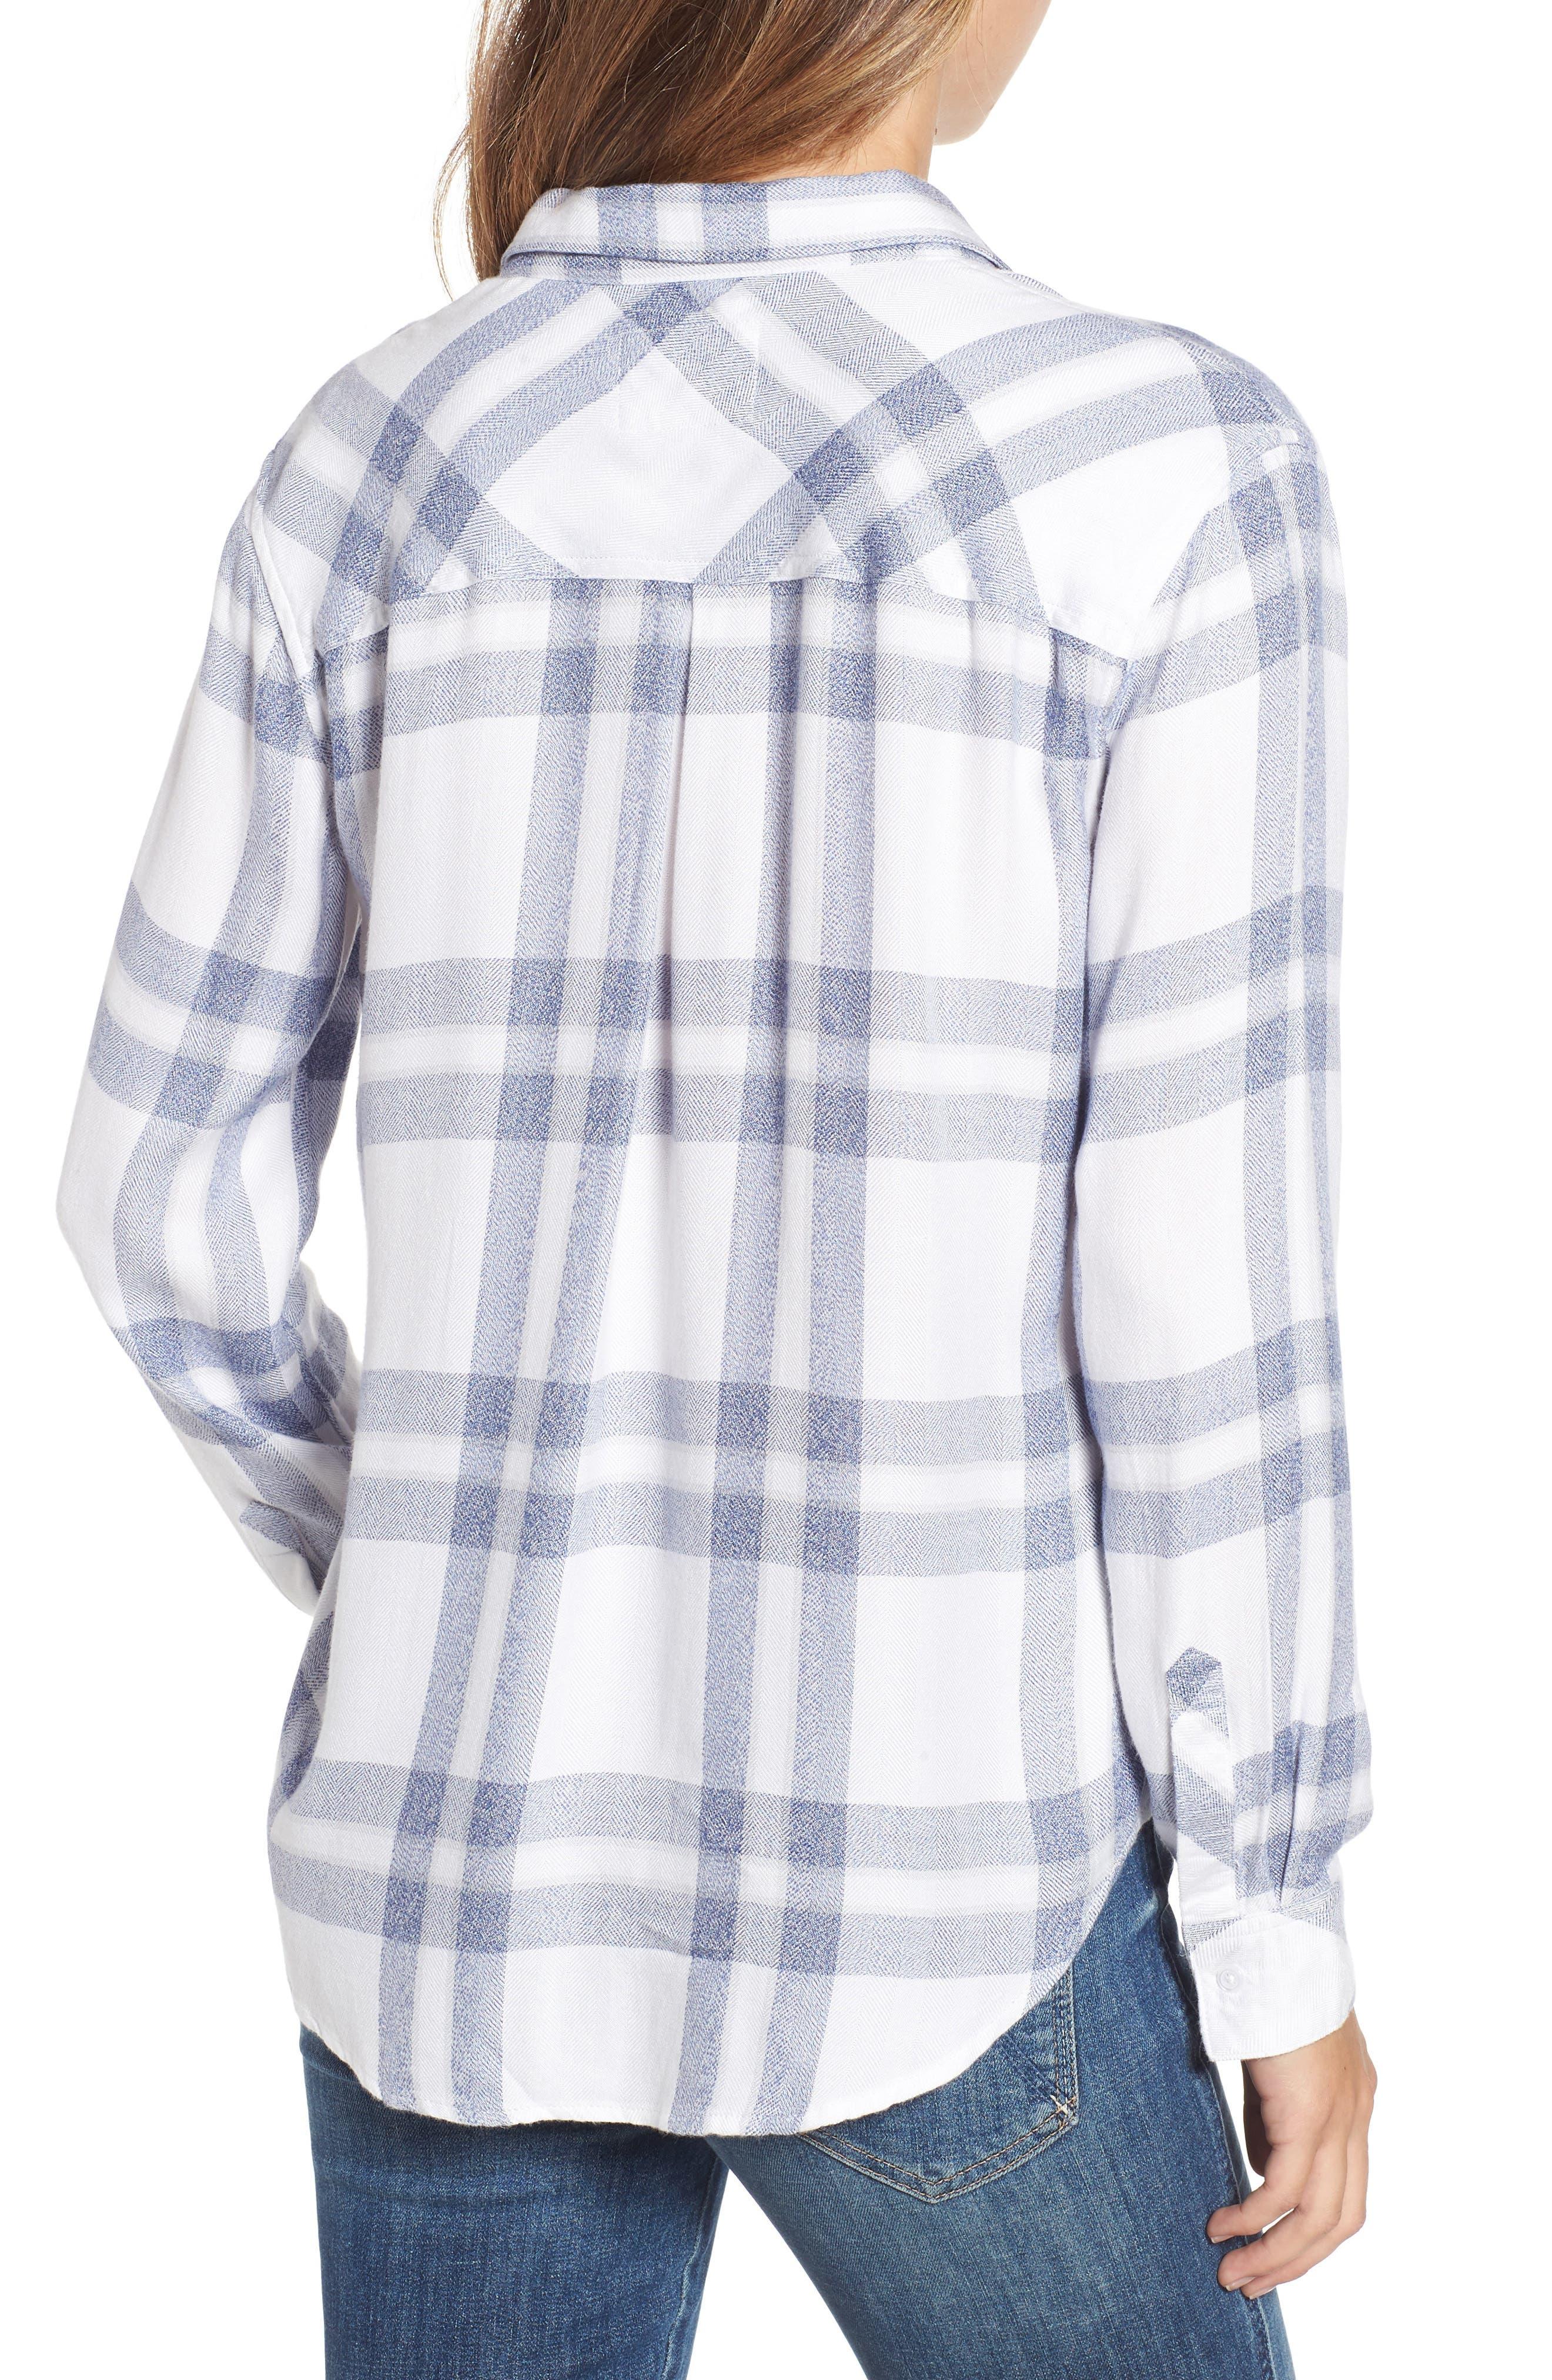 Hunter Plaid Shirt,                             Alternate thumbnail 2, color,                             Riverstone White